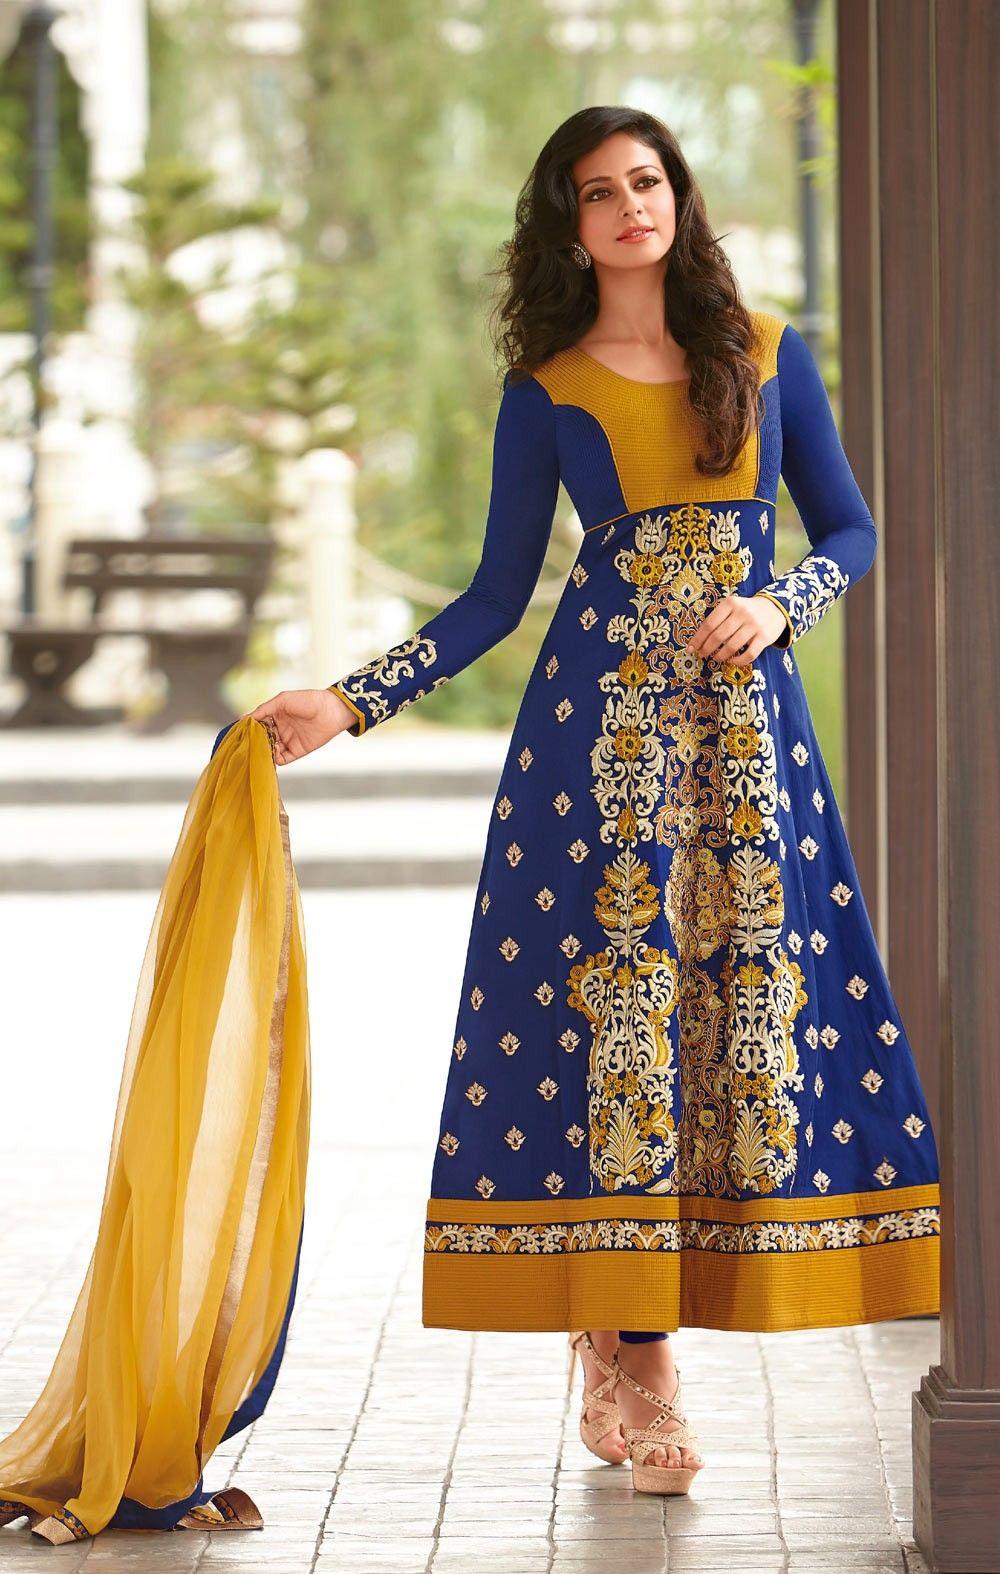 Blue Designer Anarkali Salvar Kameez In Cotton . Shop at - http://www.gravity-fashion.com/blue-designer-anarkali-salvar-kameez-in-cotton-gf9140318.html